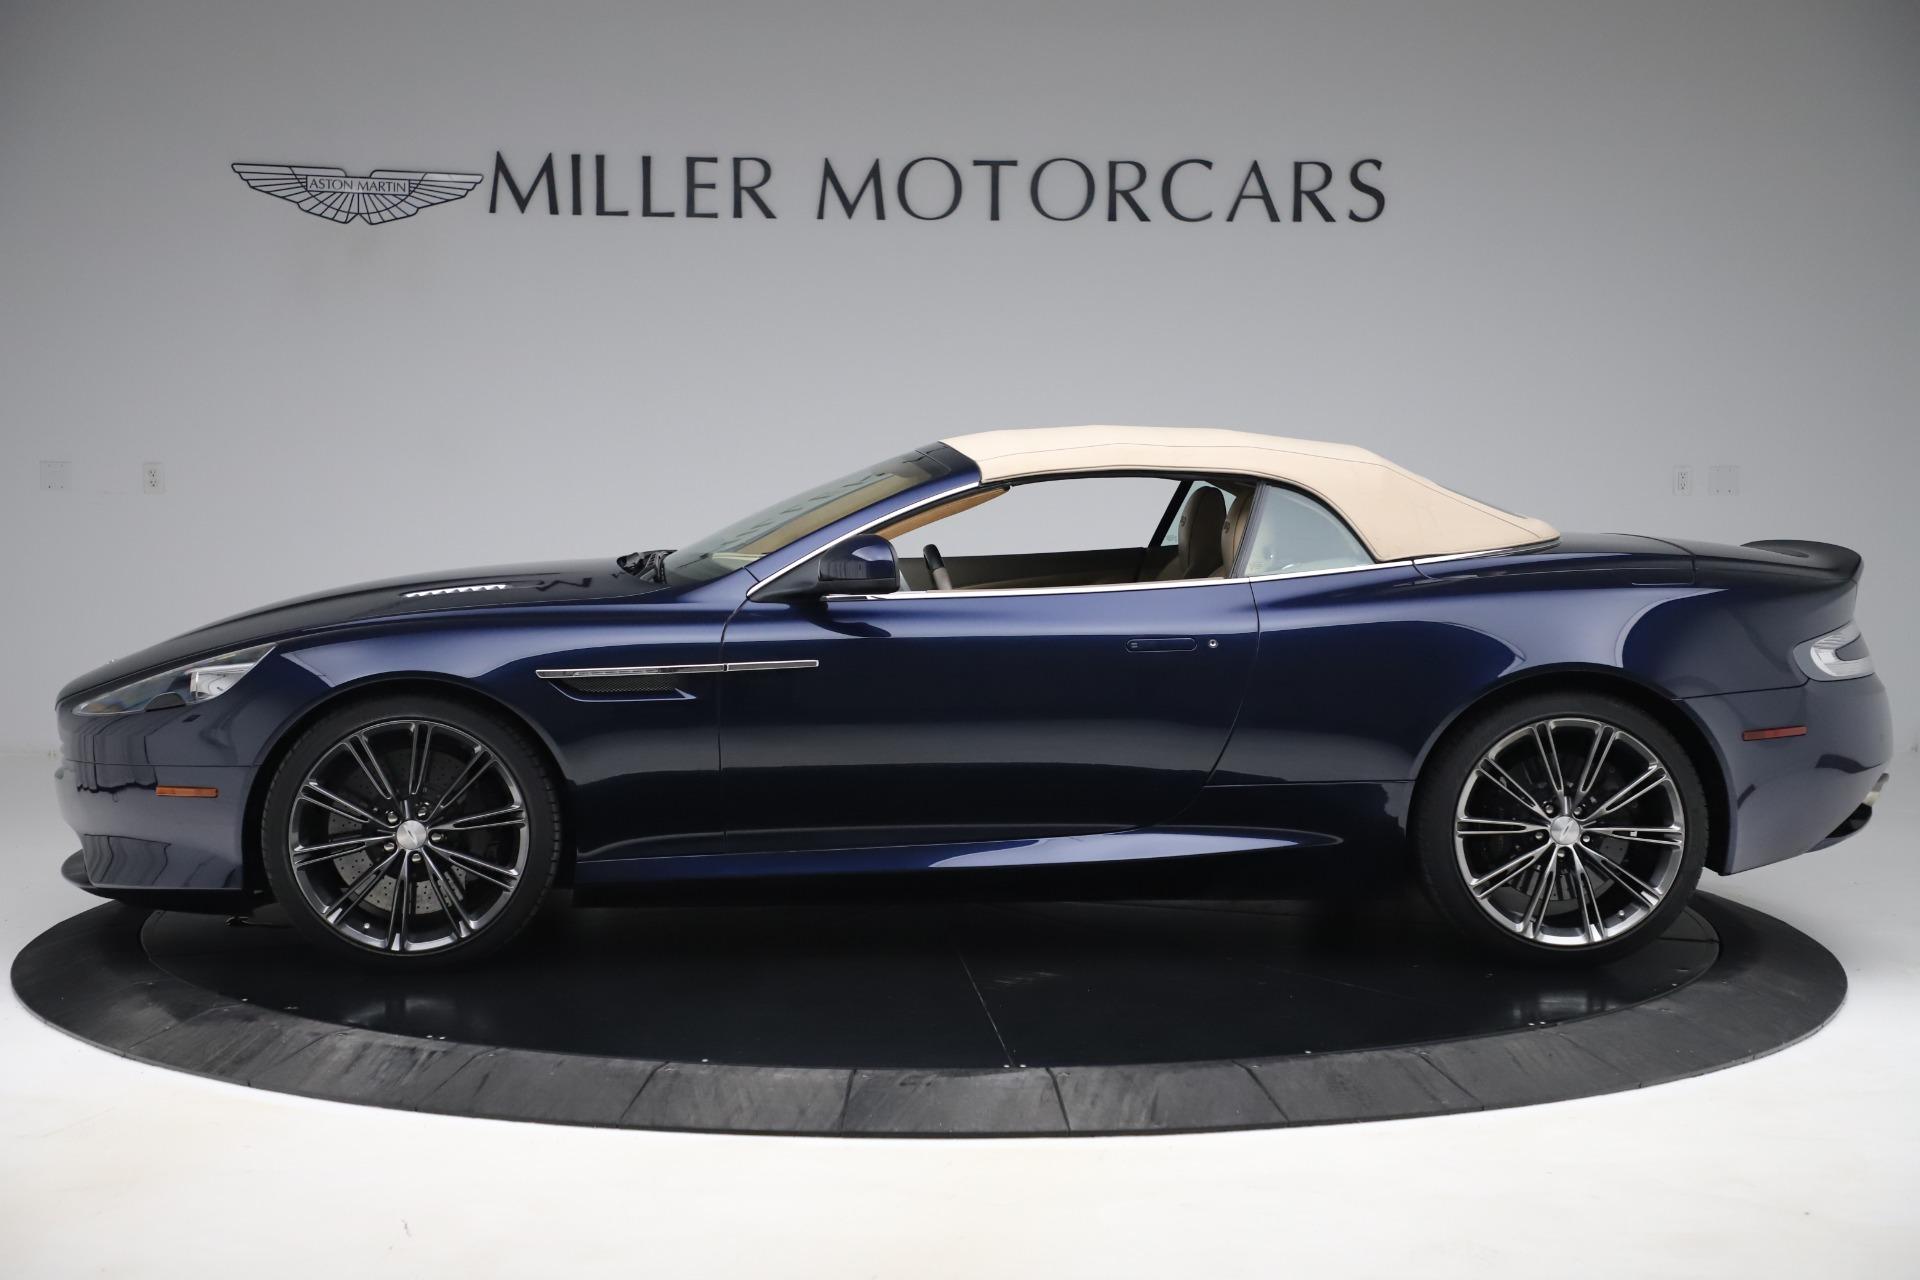 Used 2014 Aston Martin DB9 Volante For Sale In Greenwich, CT 3591_p14